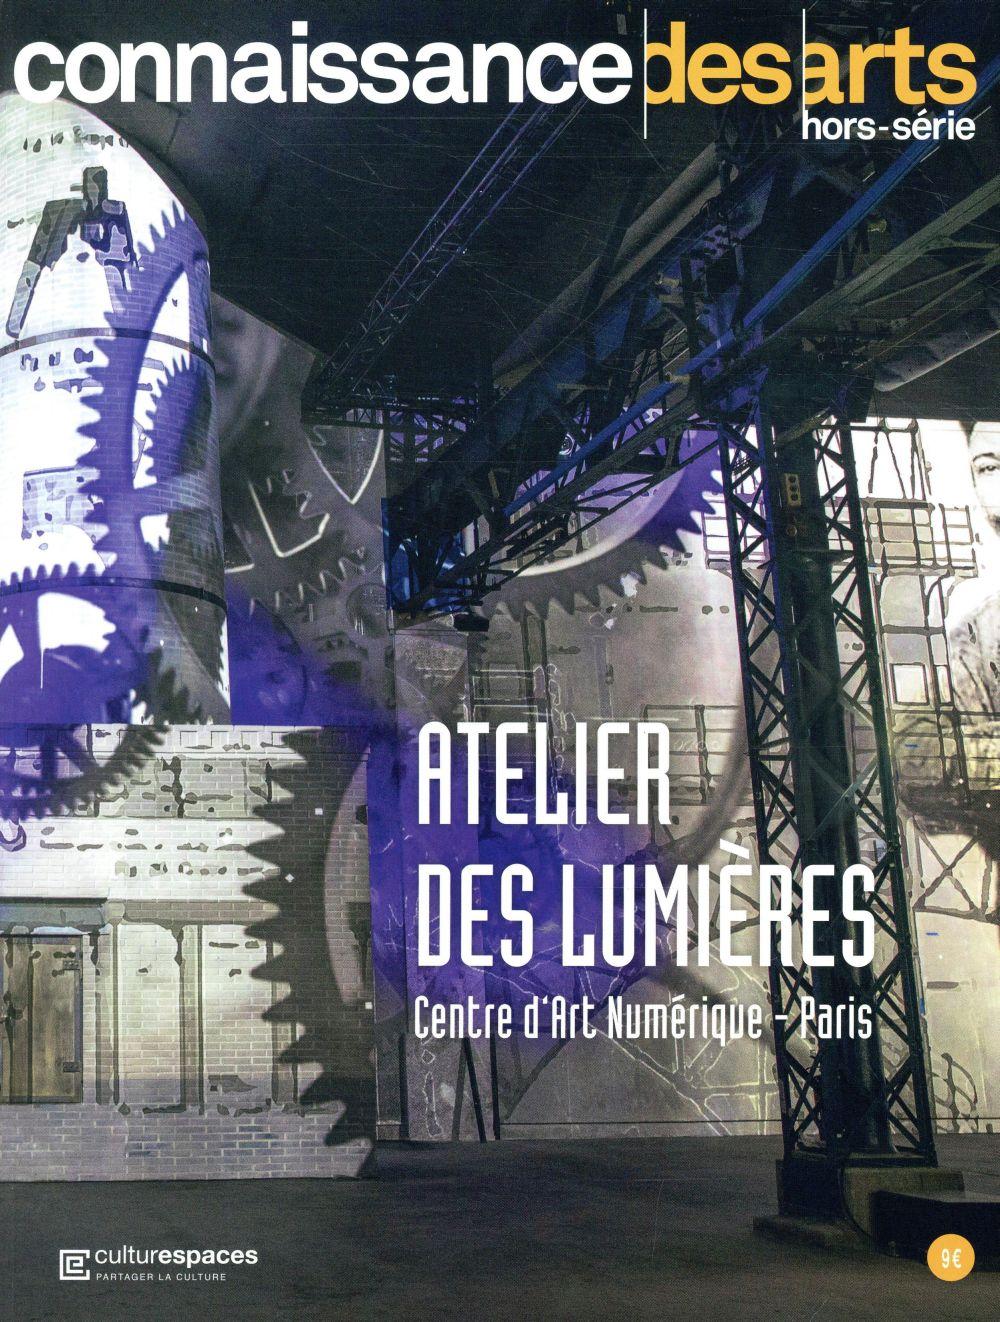 CONNAISSANCE DES ARTS  -  L'ATELIER DES LUMIERES